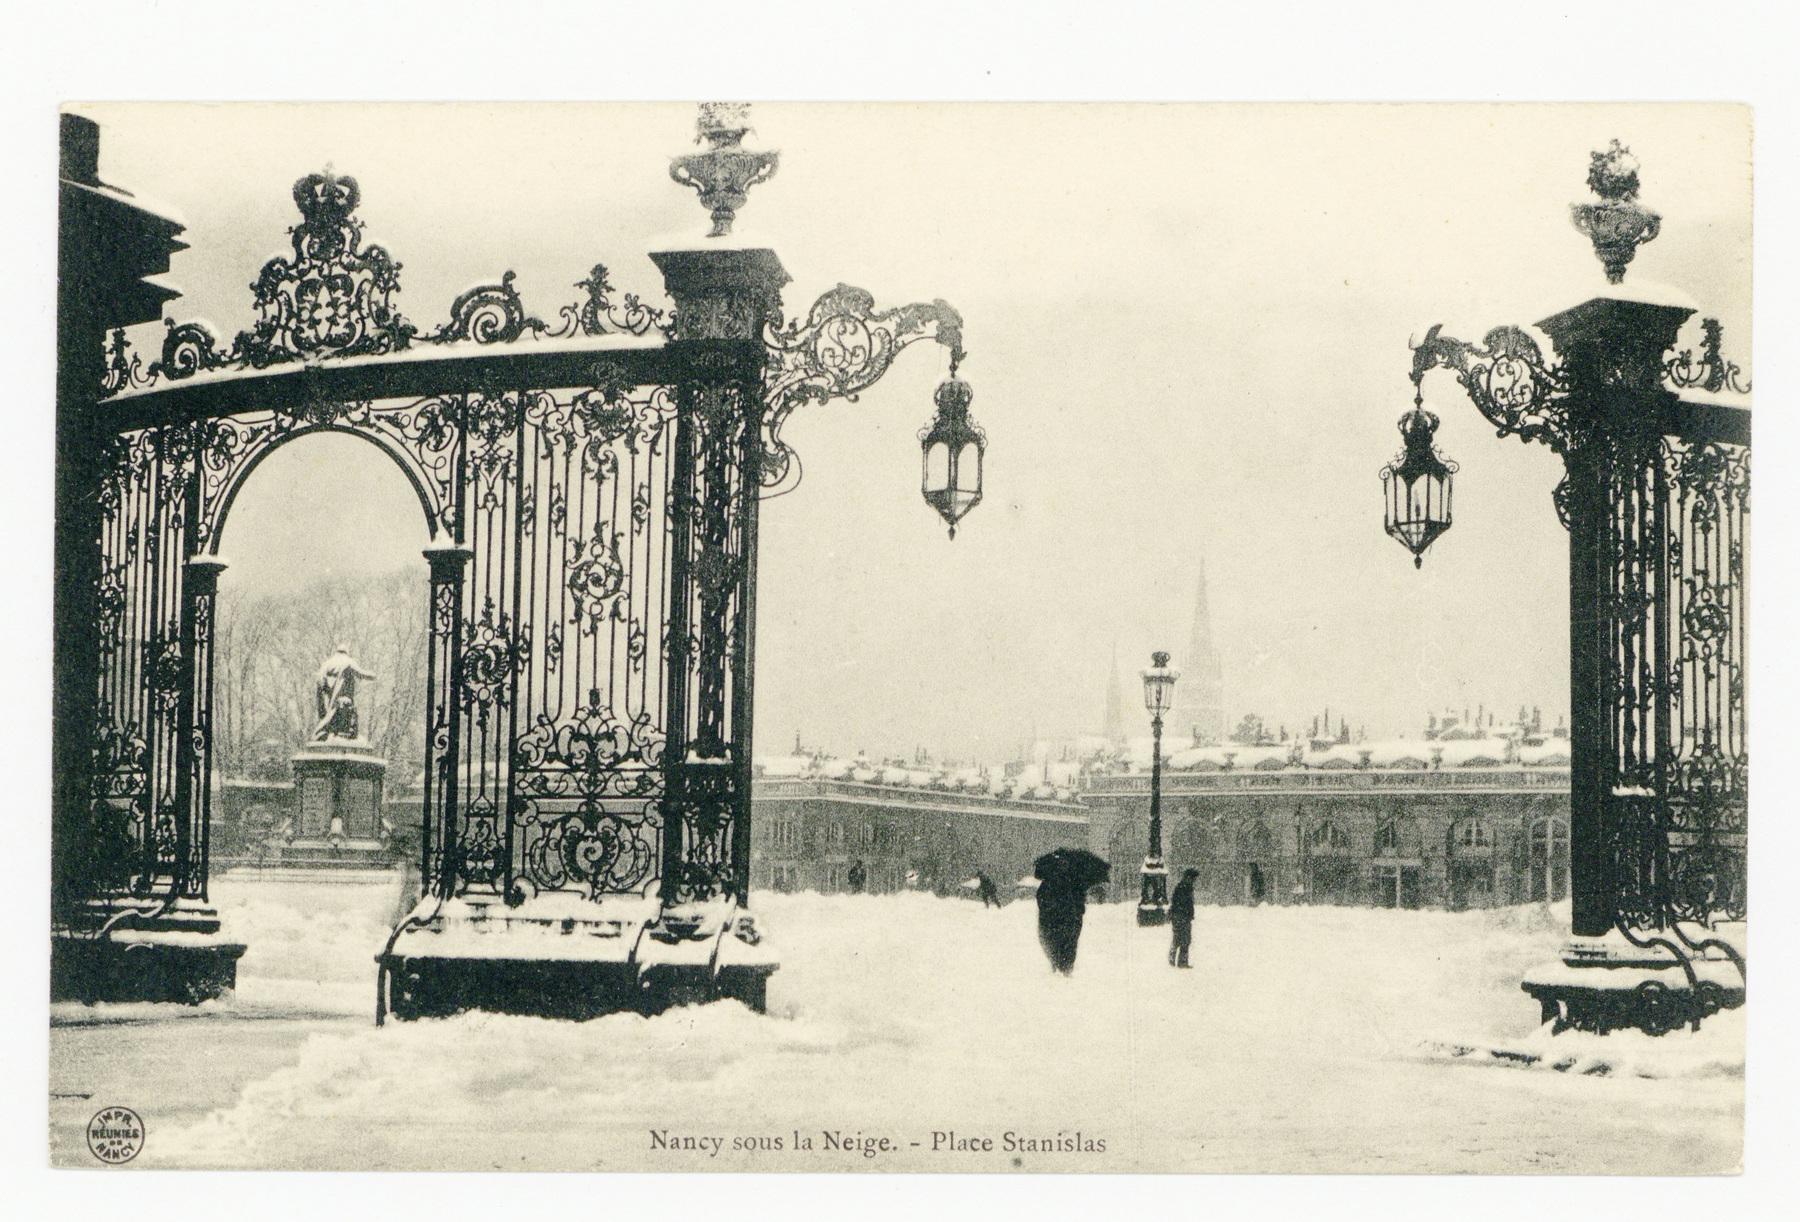 Contenu du Nancy sous la Neige. Place Stanislas